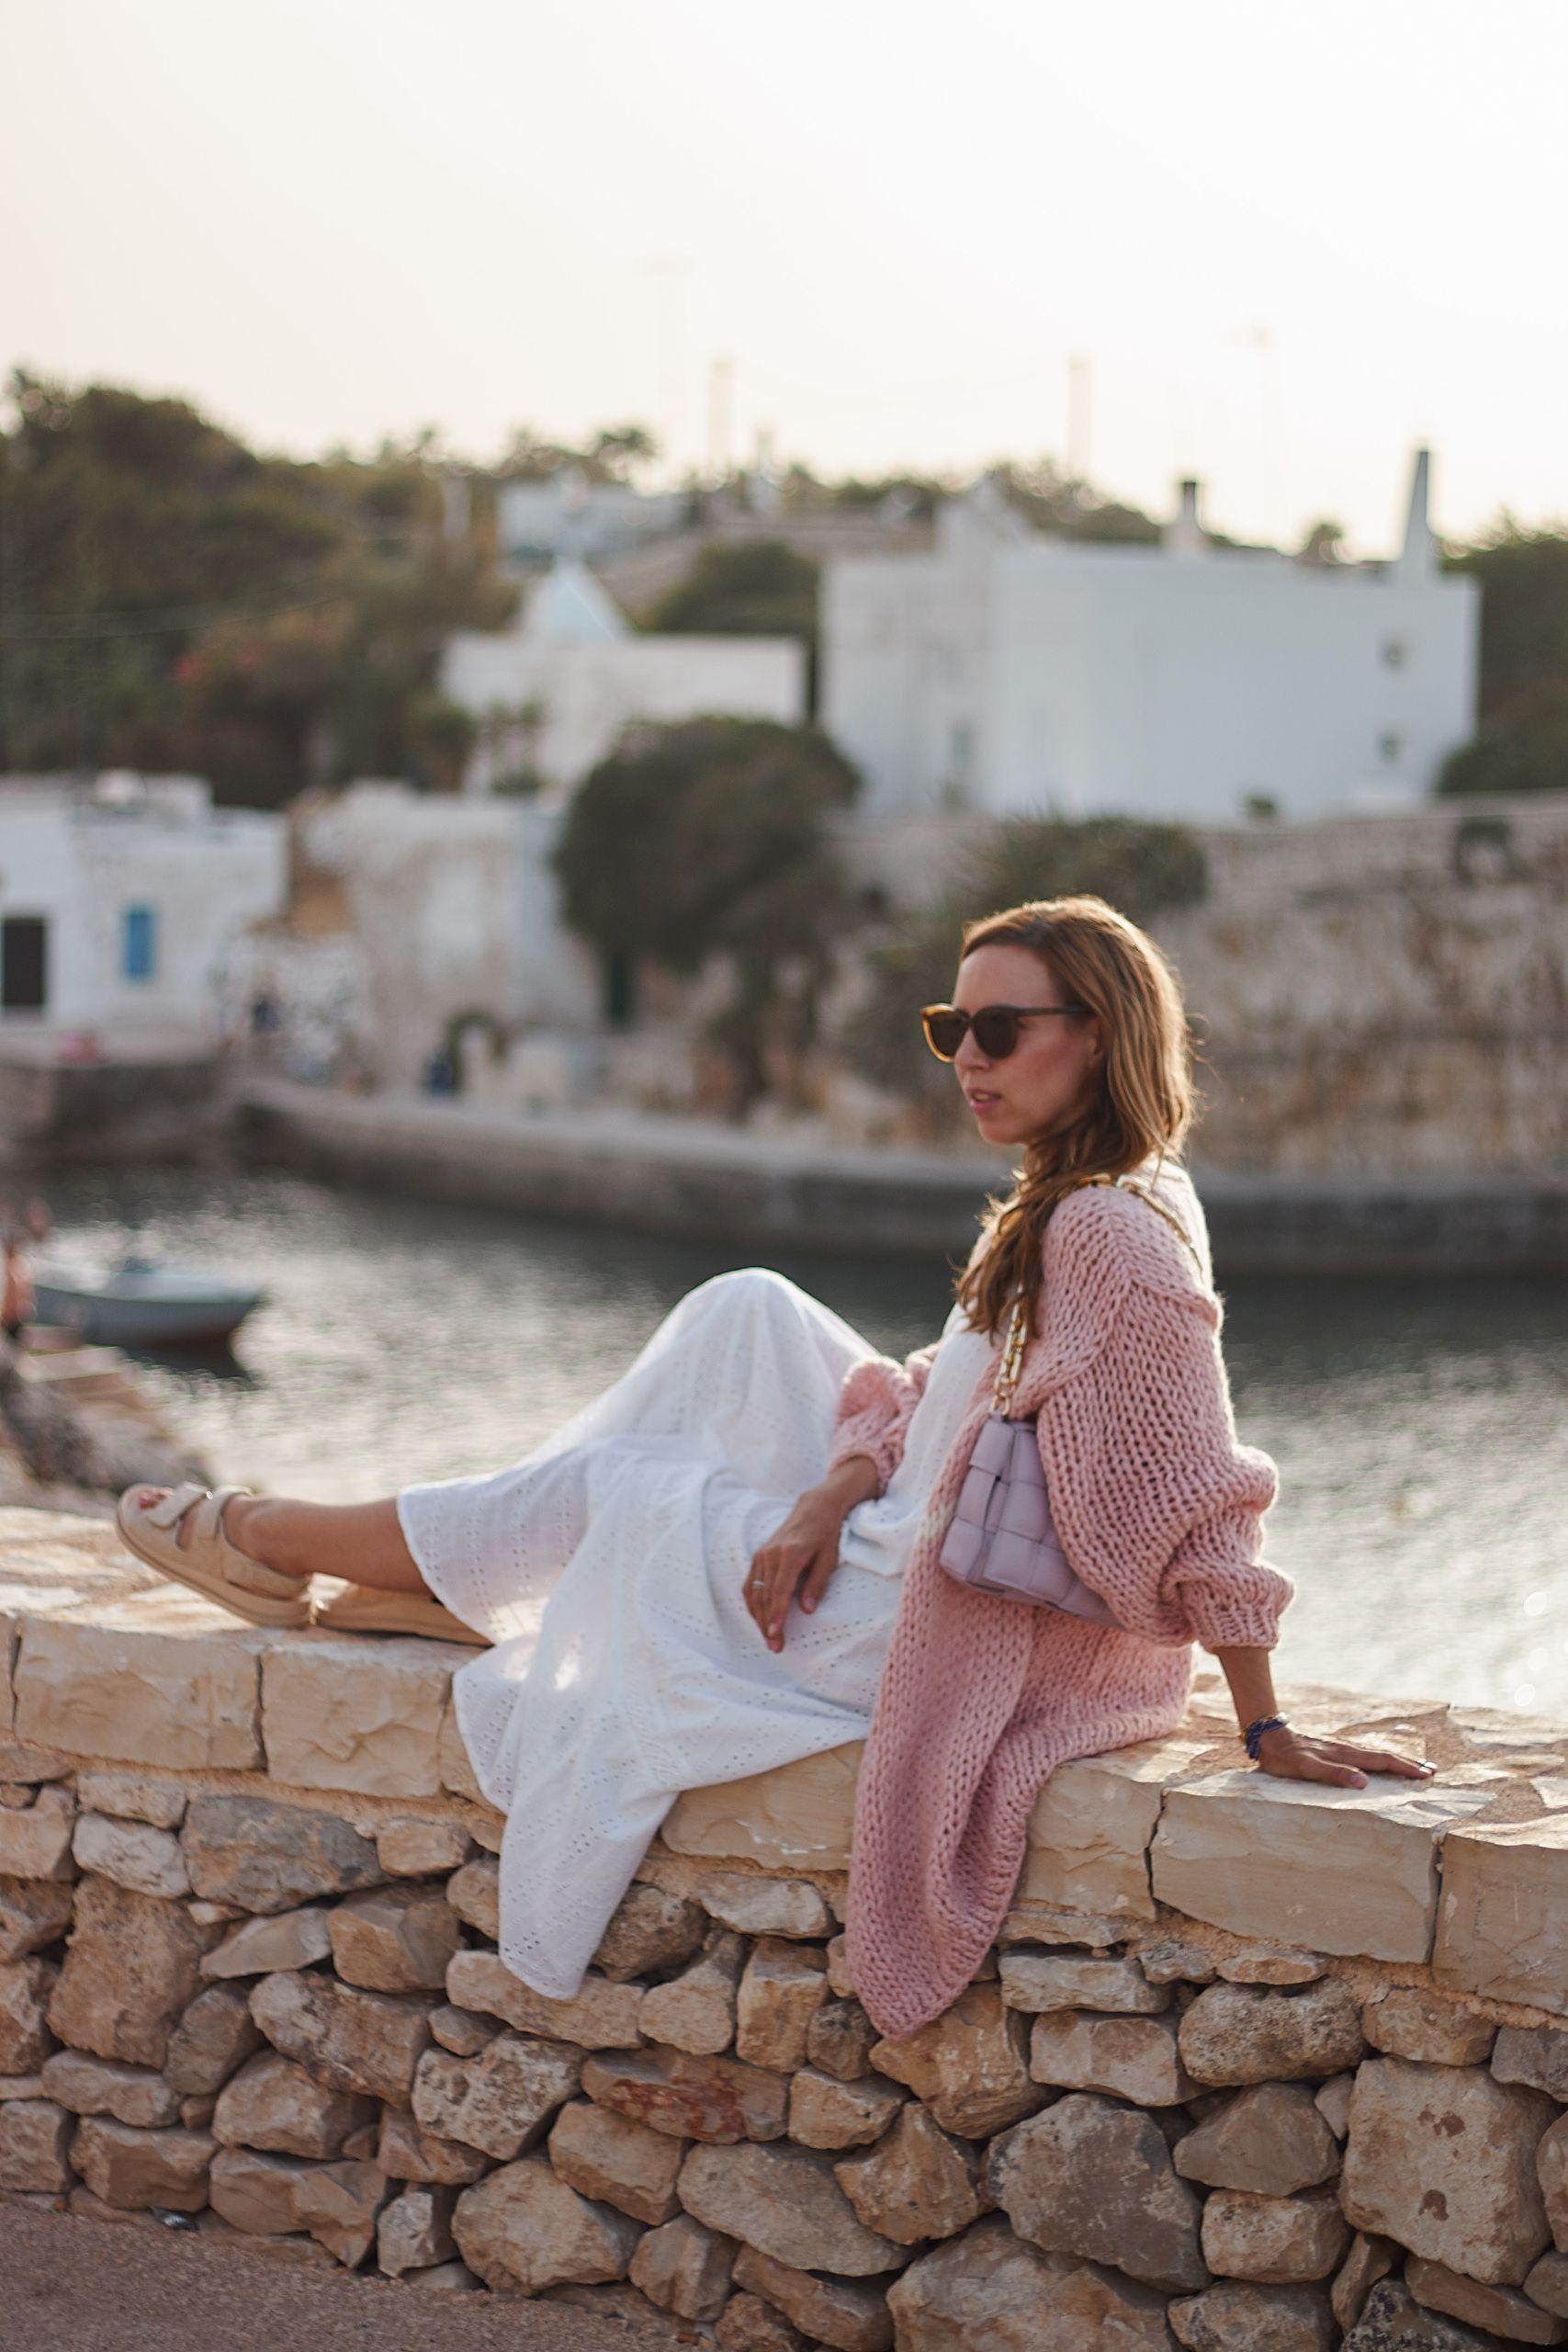 evyinit Cardigan Strickjacke zu weißem Maison Hotel Kleid und Ducie London Sandalen in Polignano a Mare